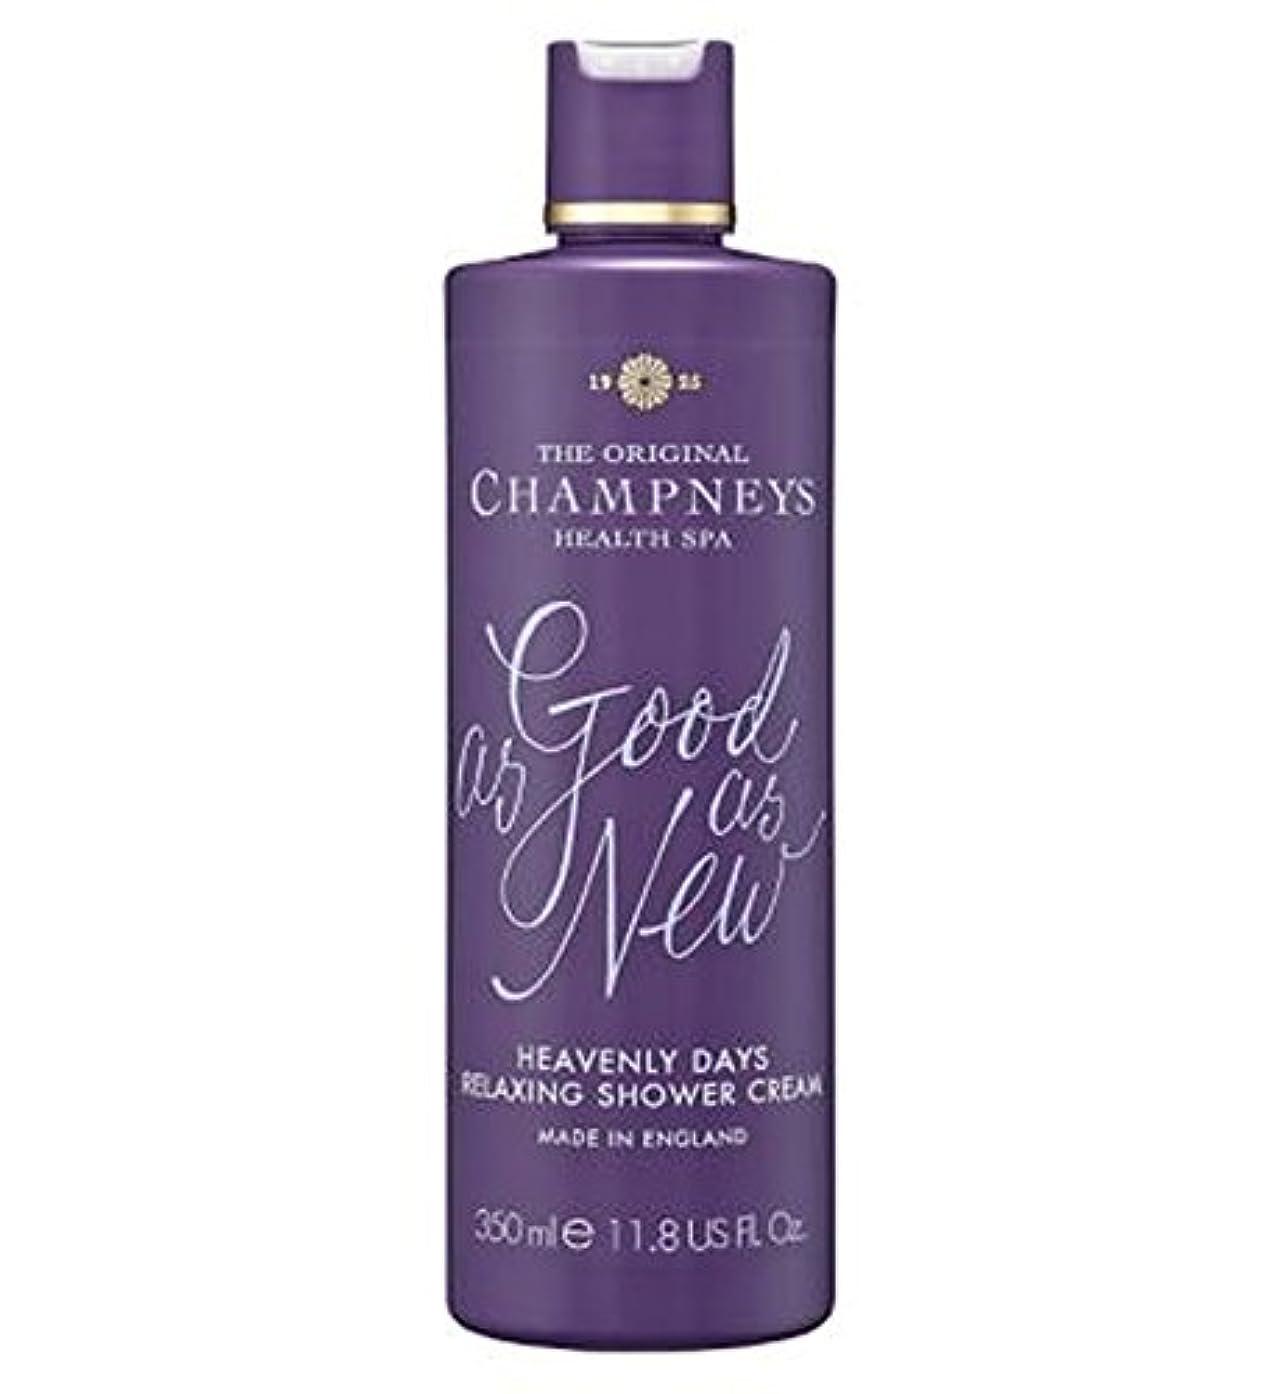 問い合わせる興奮する彼らのものChampneys Heavenly Days Relaxing Shower Cream 350ml - チャンプニーズ天の日のリラックスシャワークリーム350ミリリットル (Champneys) [並行輸入品]